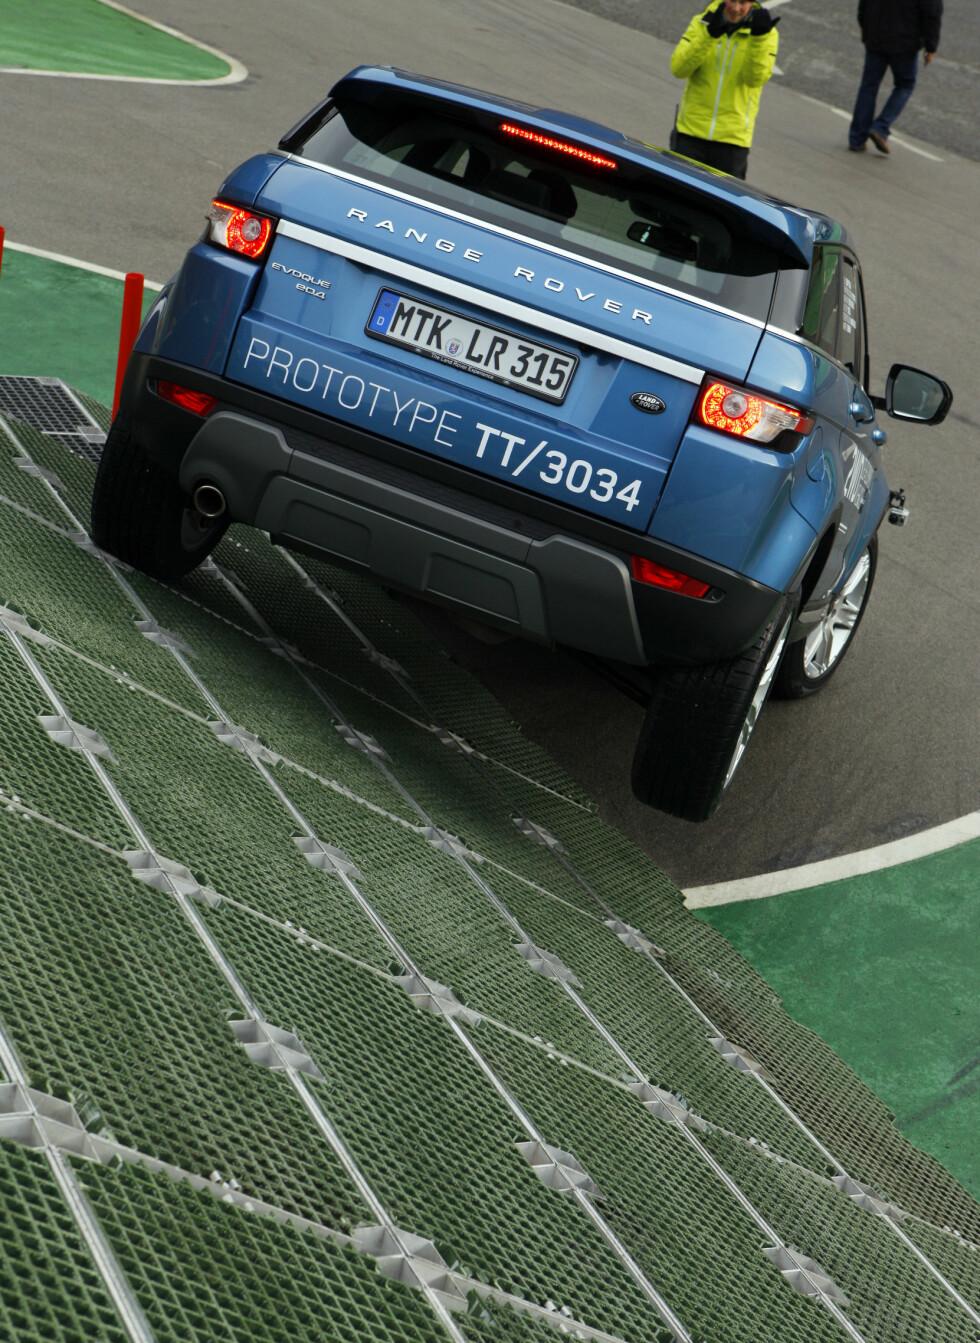 Foto: Bilde tatt av Land Rovers fotograf